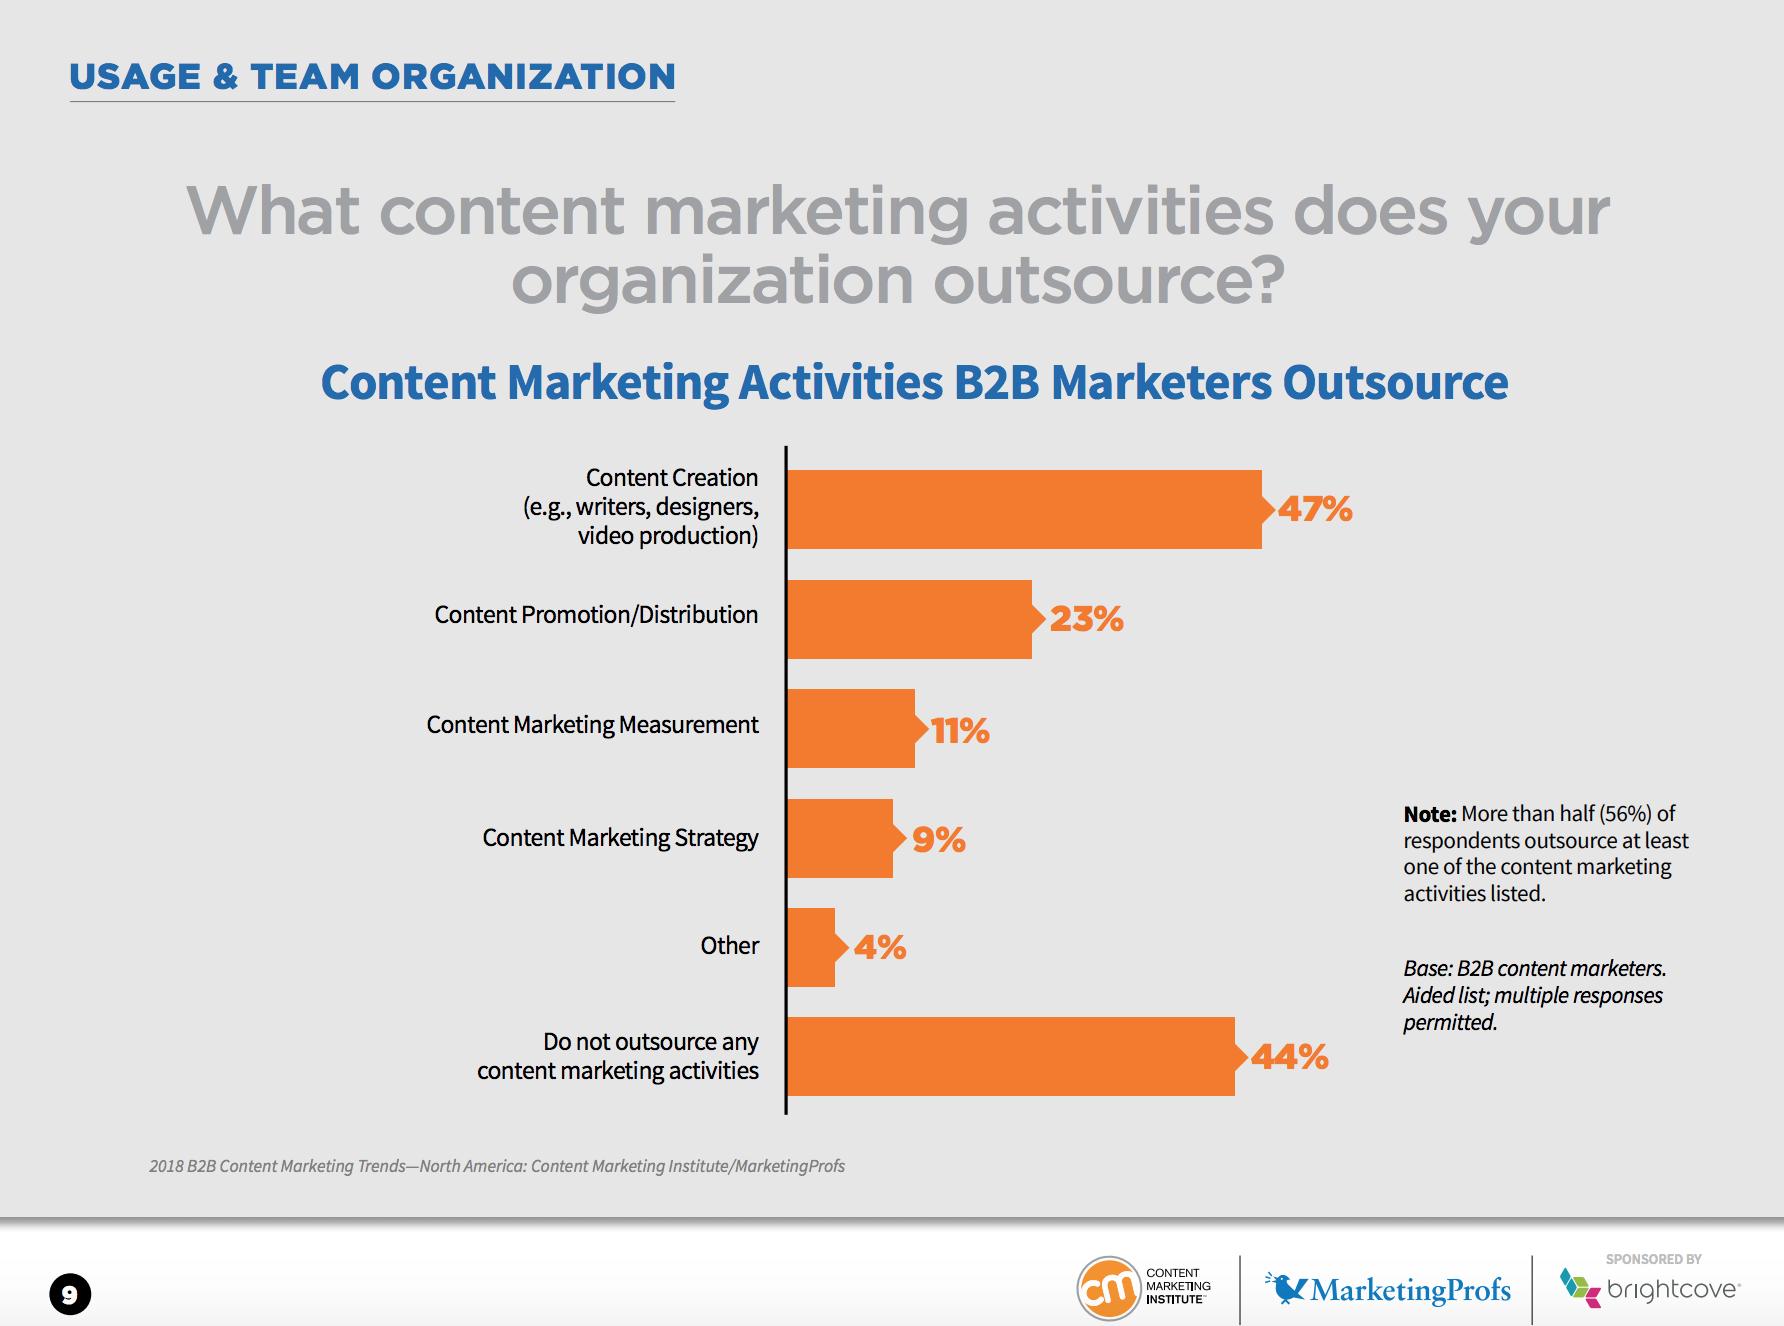 Content Marketing Activities